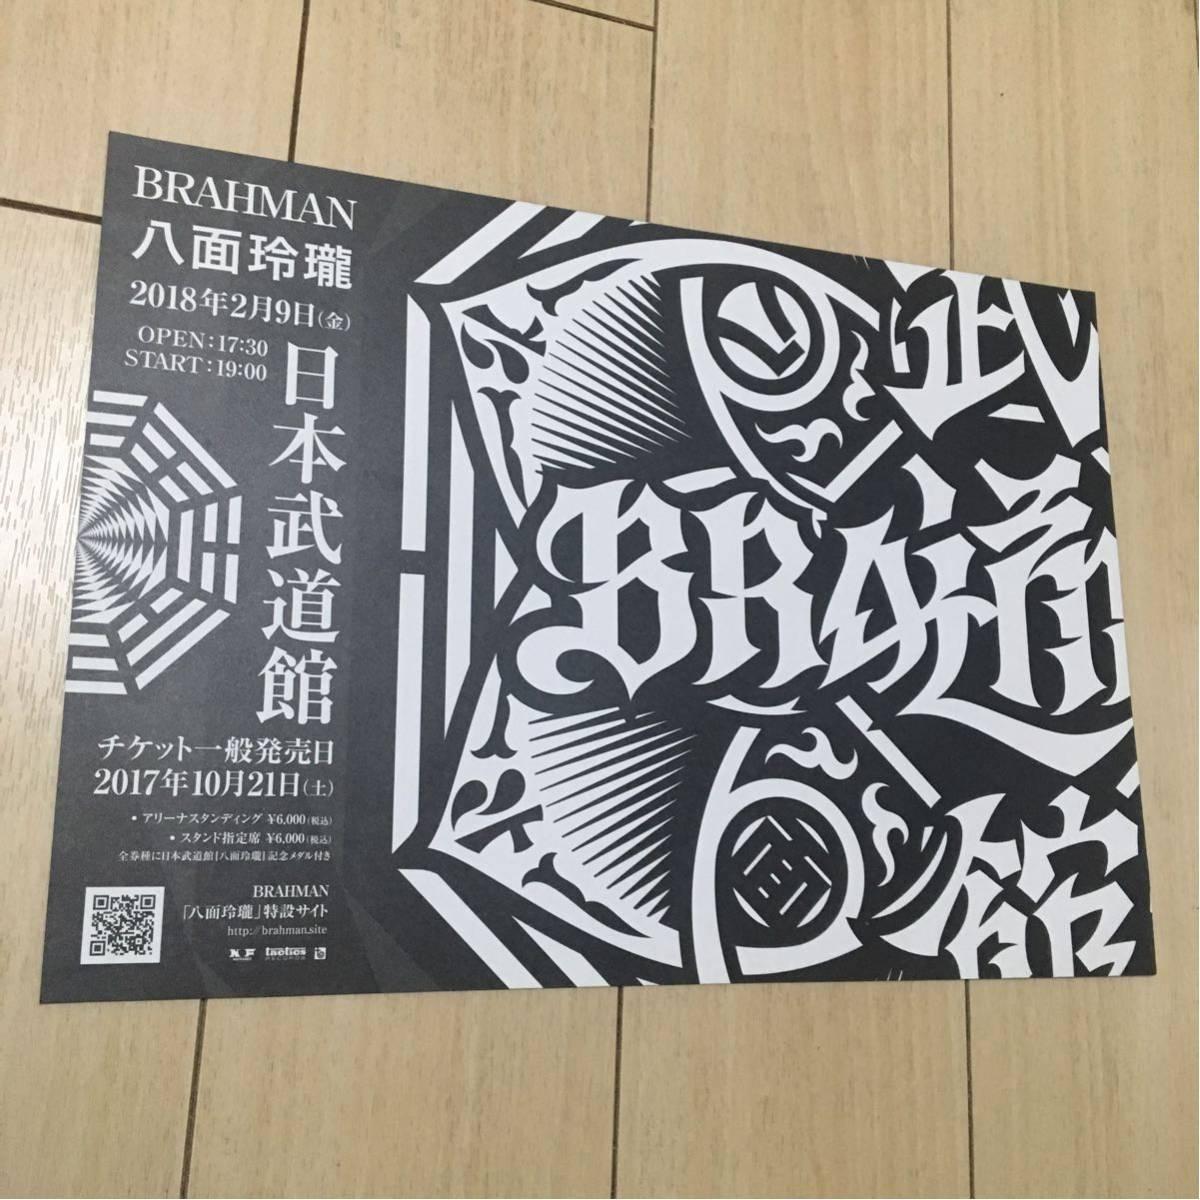 ブラフマン brahman 八面玲瓏 日本武道館 ライブ コンサート 告知 チラシ 宣伝 2018 バンド